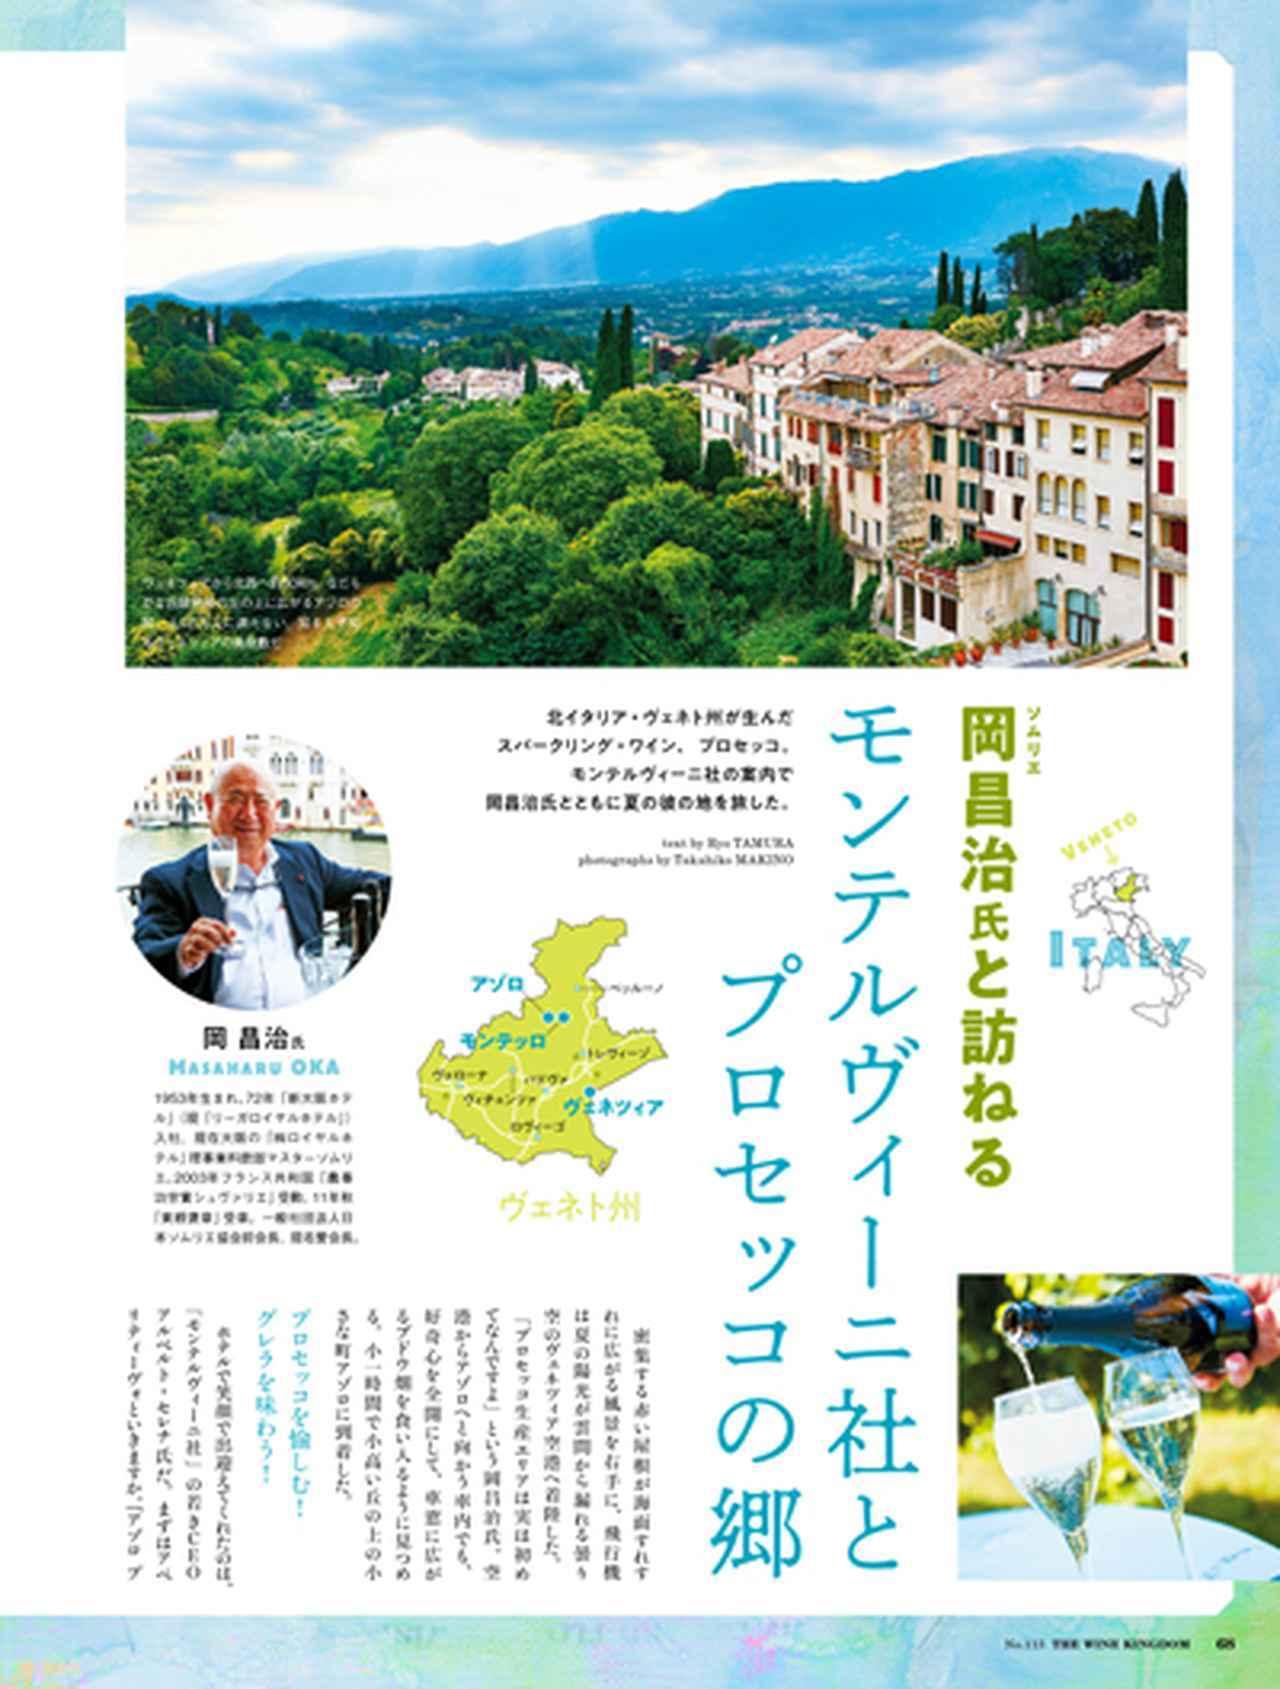 画像: 【現地取材】イタリア モンテルヴィーニ社とプロセッコの郷